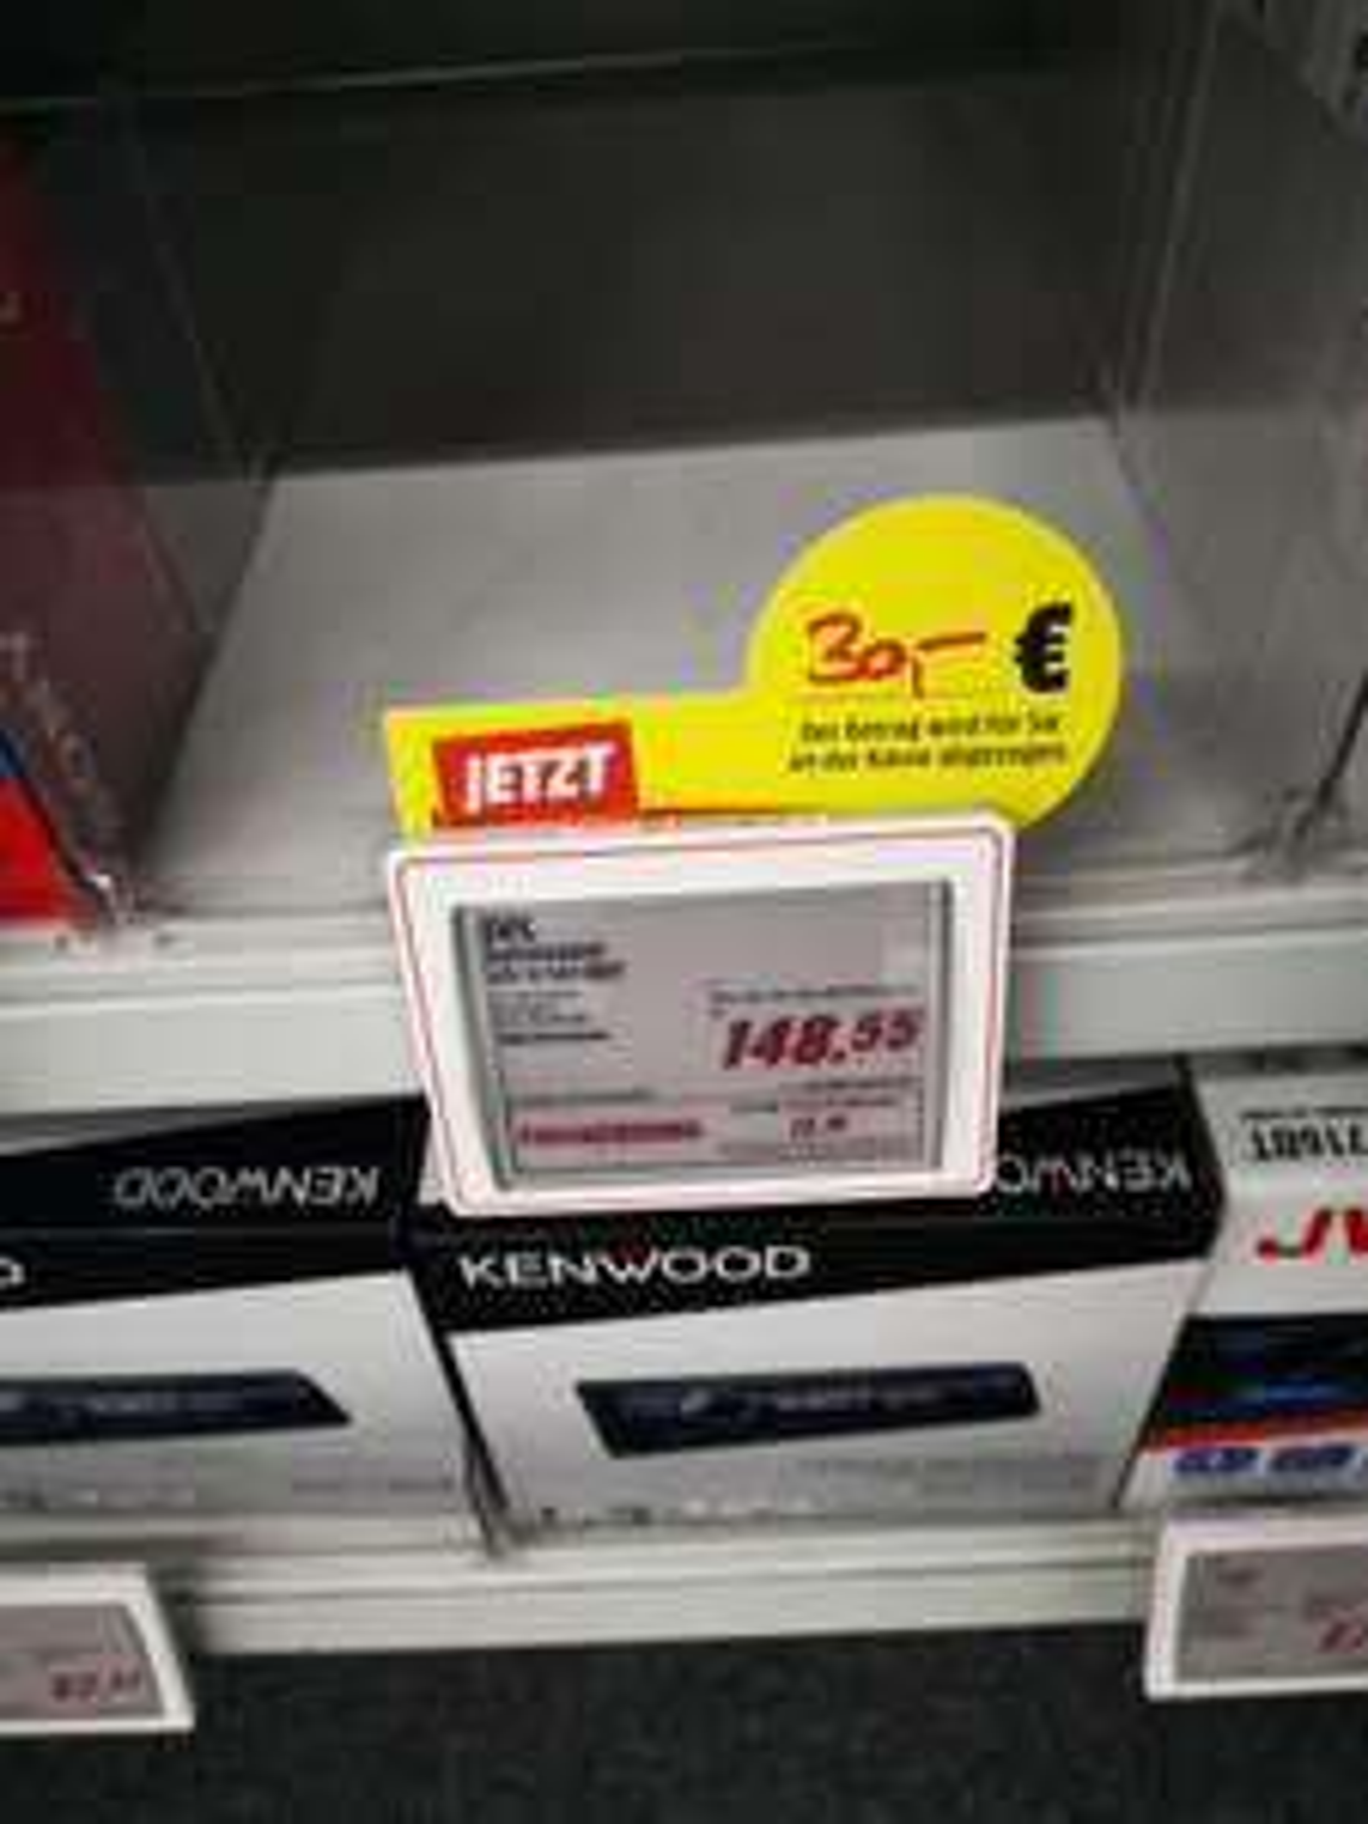 (Lokal) JVC KD-X 561 DBT DIN 1 Autoradio für 118,55 mit 30 € Abzug an der Kasse Limburg an der Lahn